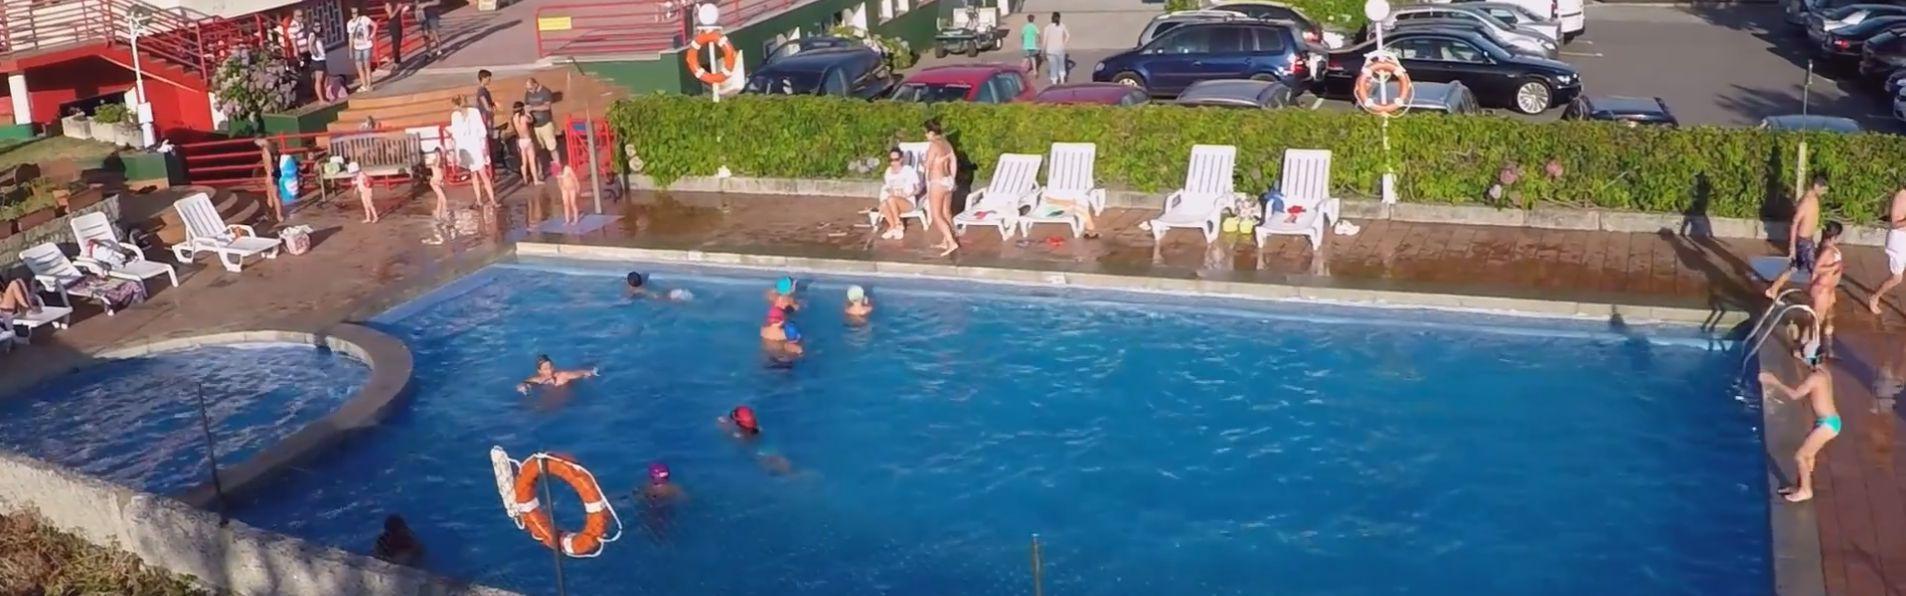 Camping siglo xxi 17630 camping siglo xxi piscina for Piscina siglo xxi